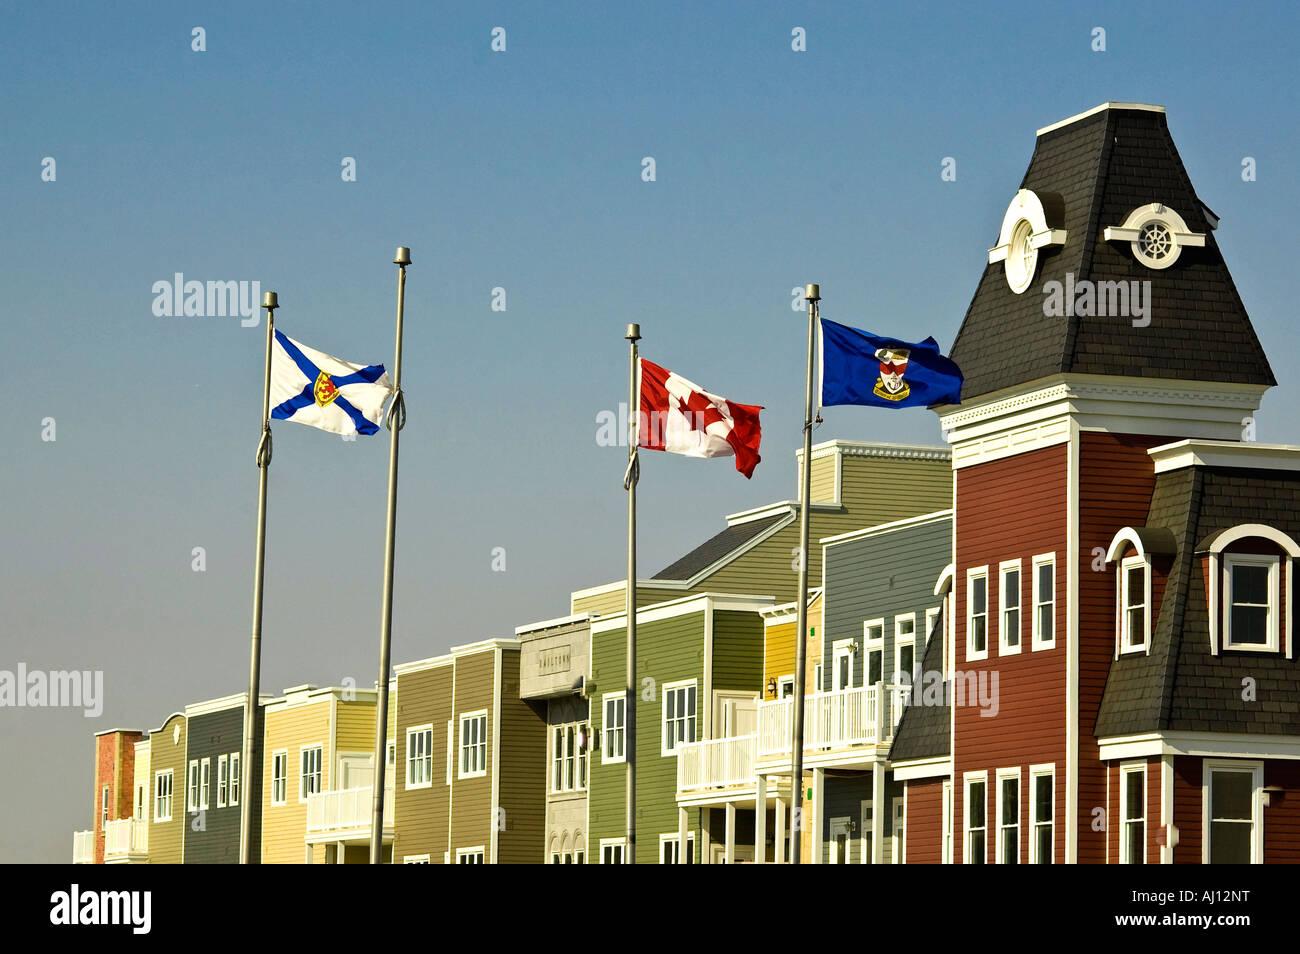 Je vois des drapeaux à l'avant de nouveaux logements en copropriété au centre-ville de Wolfville, en Nouvelle-Écosse, Canada. Banque D'Images